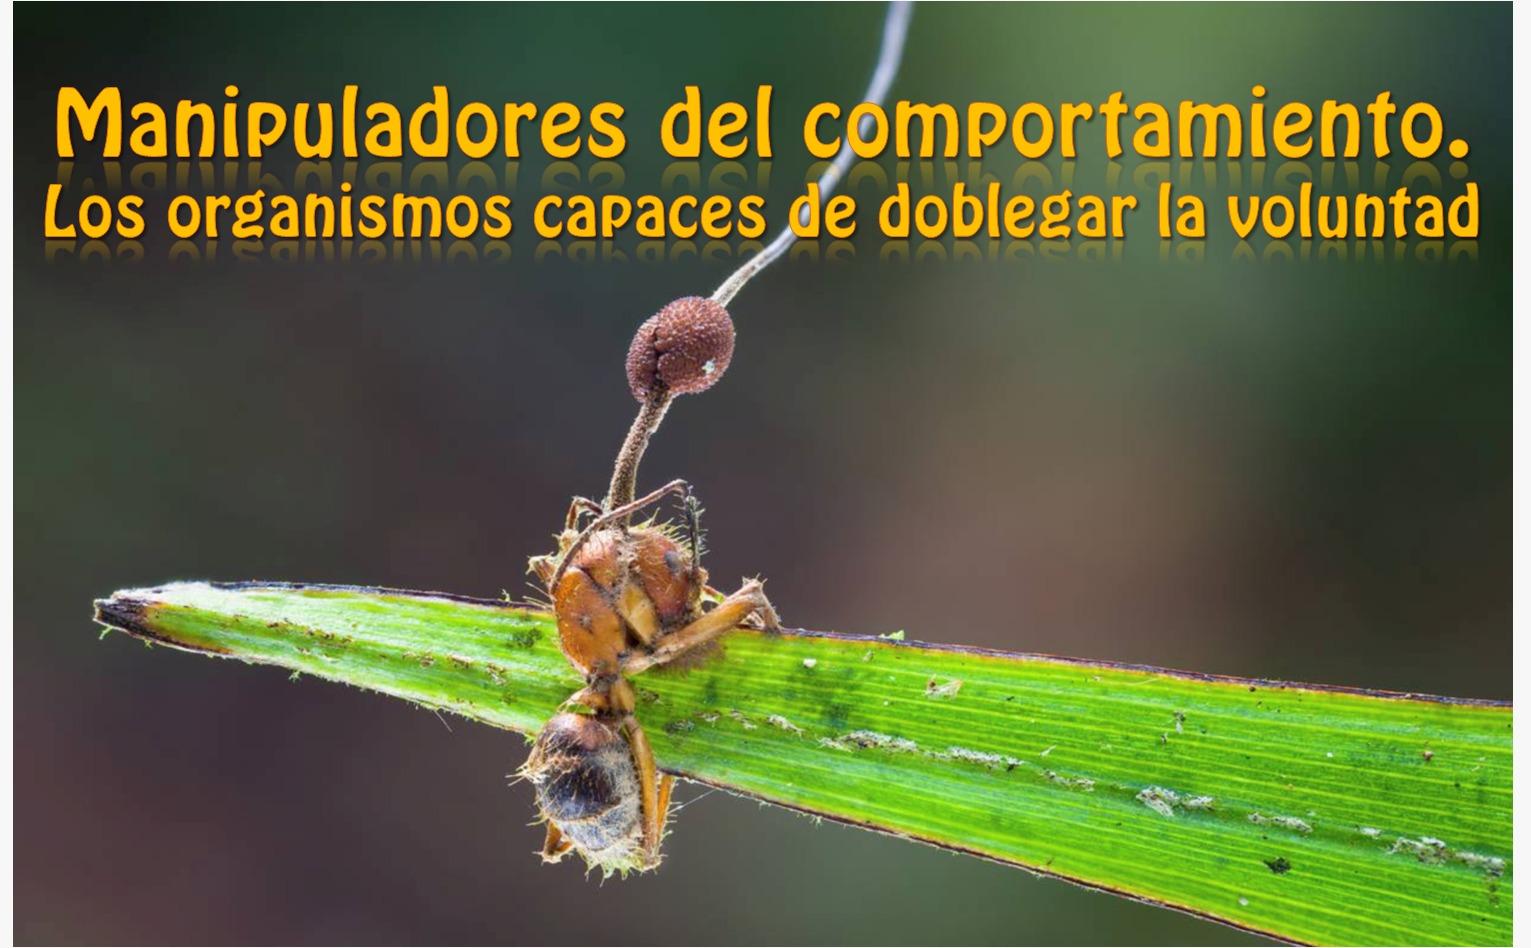 manipuladores del comportamiento-hormigas-control mental- mk ultra- hongos-parasitismo-biologia-gusanos